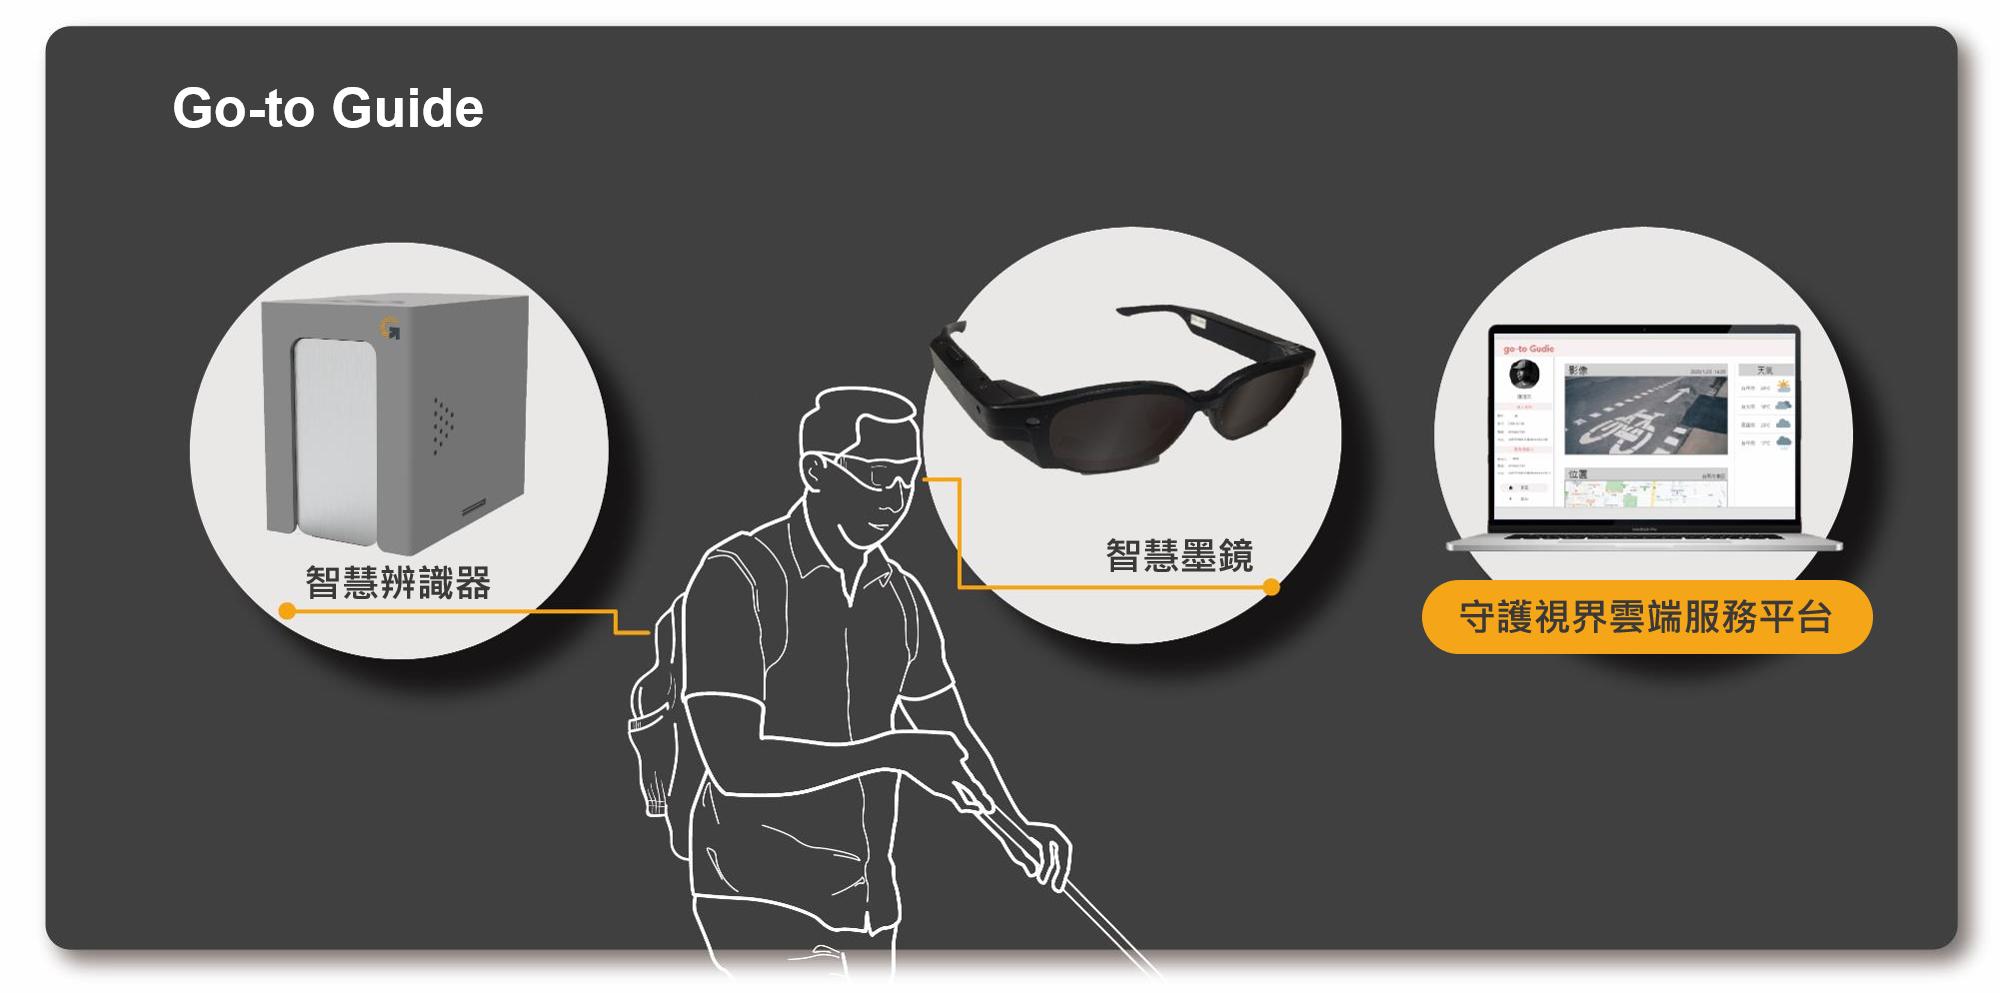 基於人工智慧邊緣運算之視障者行走障礙物警示系統